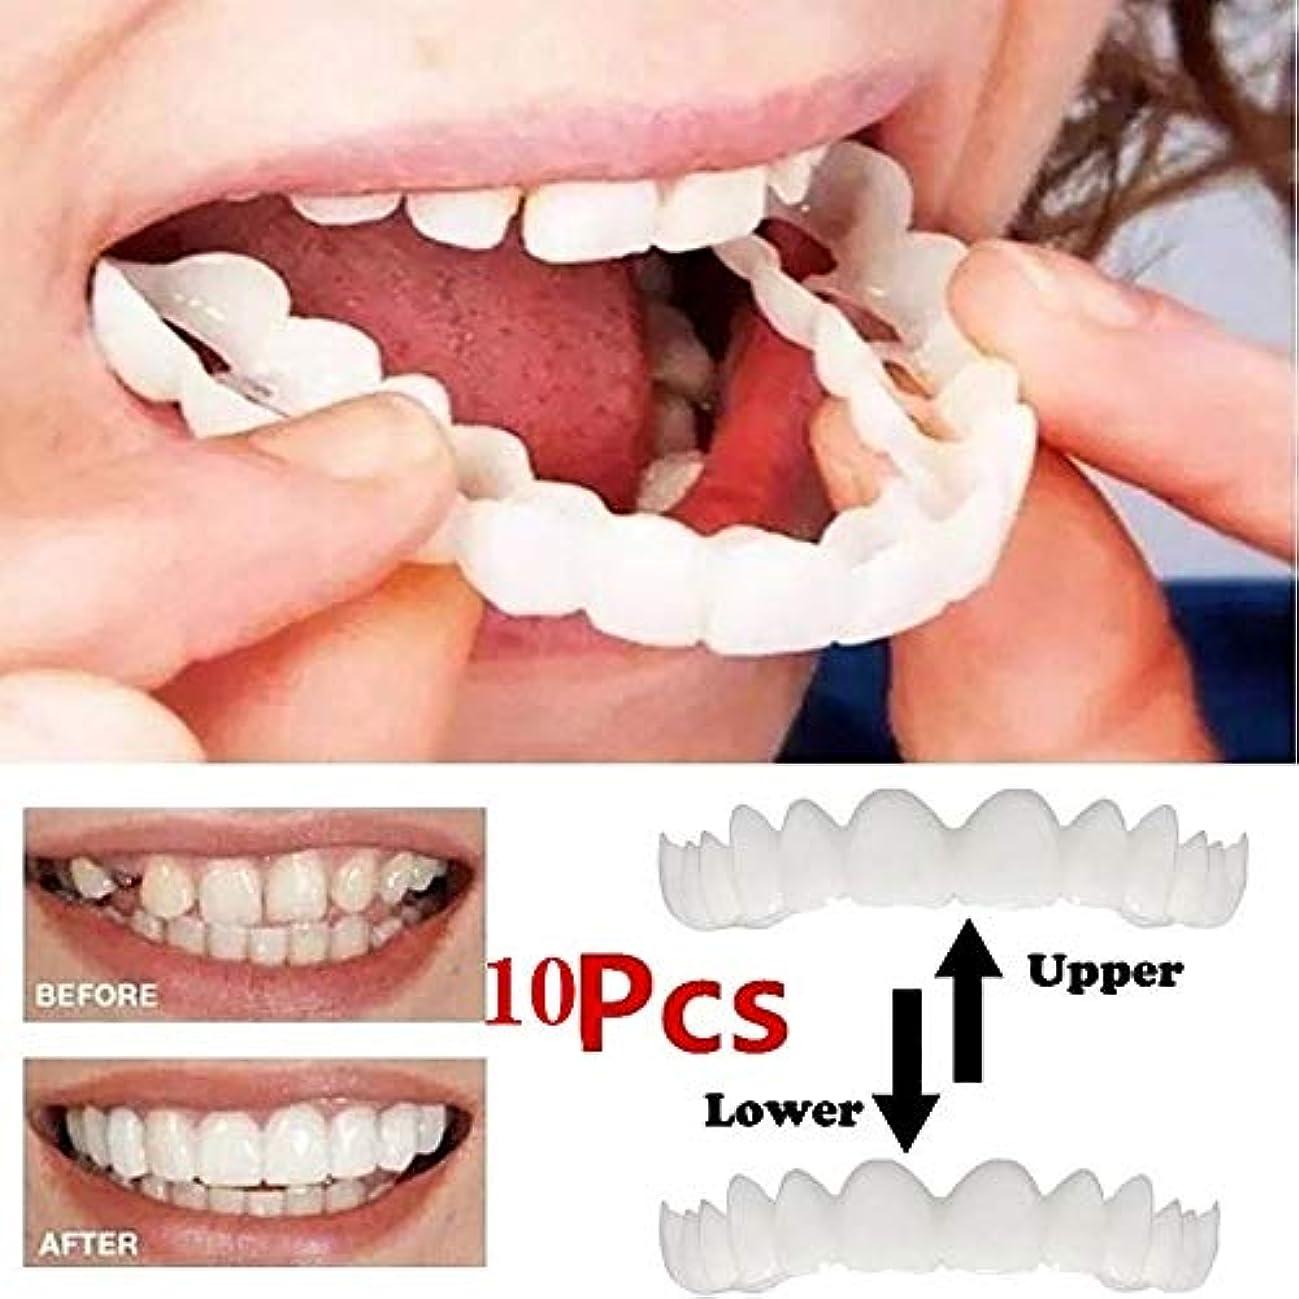 カトリック教徒埋め込むメディック突き板の歯、化粧品の歯5組 - 一時的な微笑の慰めの適合の屈曲の化粧品の歯、1つのサイズはほとんど合い、快適な上および最下のベニヤ - 歯のベニヤ(底+上)